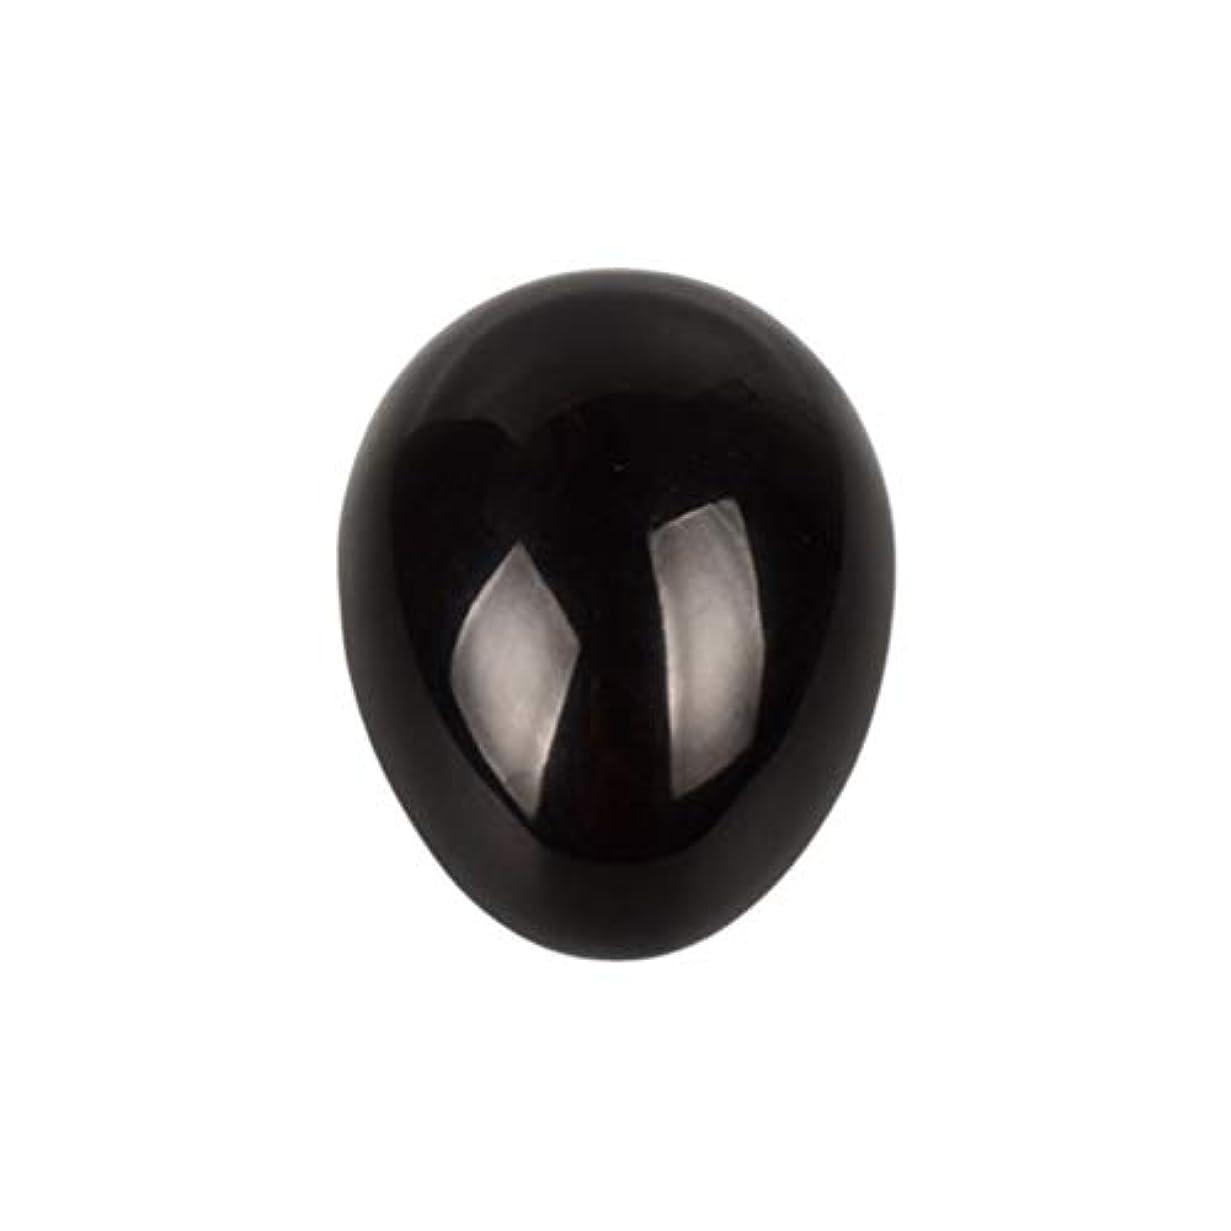 調停者まともなフォークSUPVOX 45×30×30ミリメートルのバランスをとる瞑想チャクラを癒すための黒曜石宝石用原石の卵球